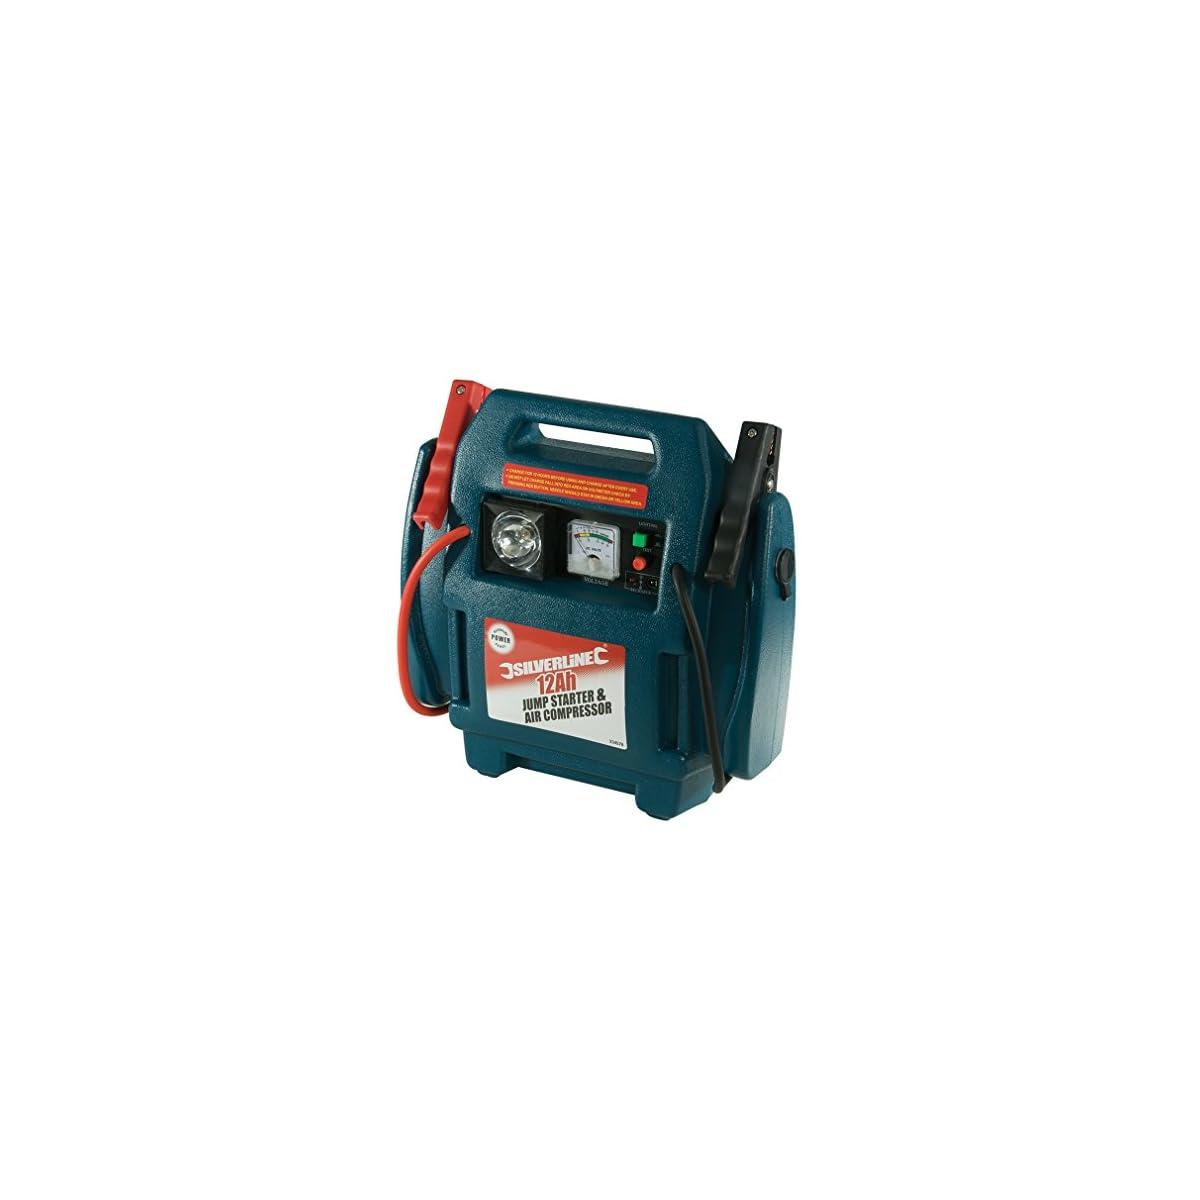 512j26s%2B%2BeL. SS1200  - Silverline 234578 - Arrancador de emergencia y compresor de aire (12 Ah)